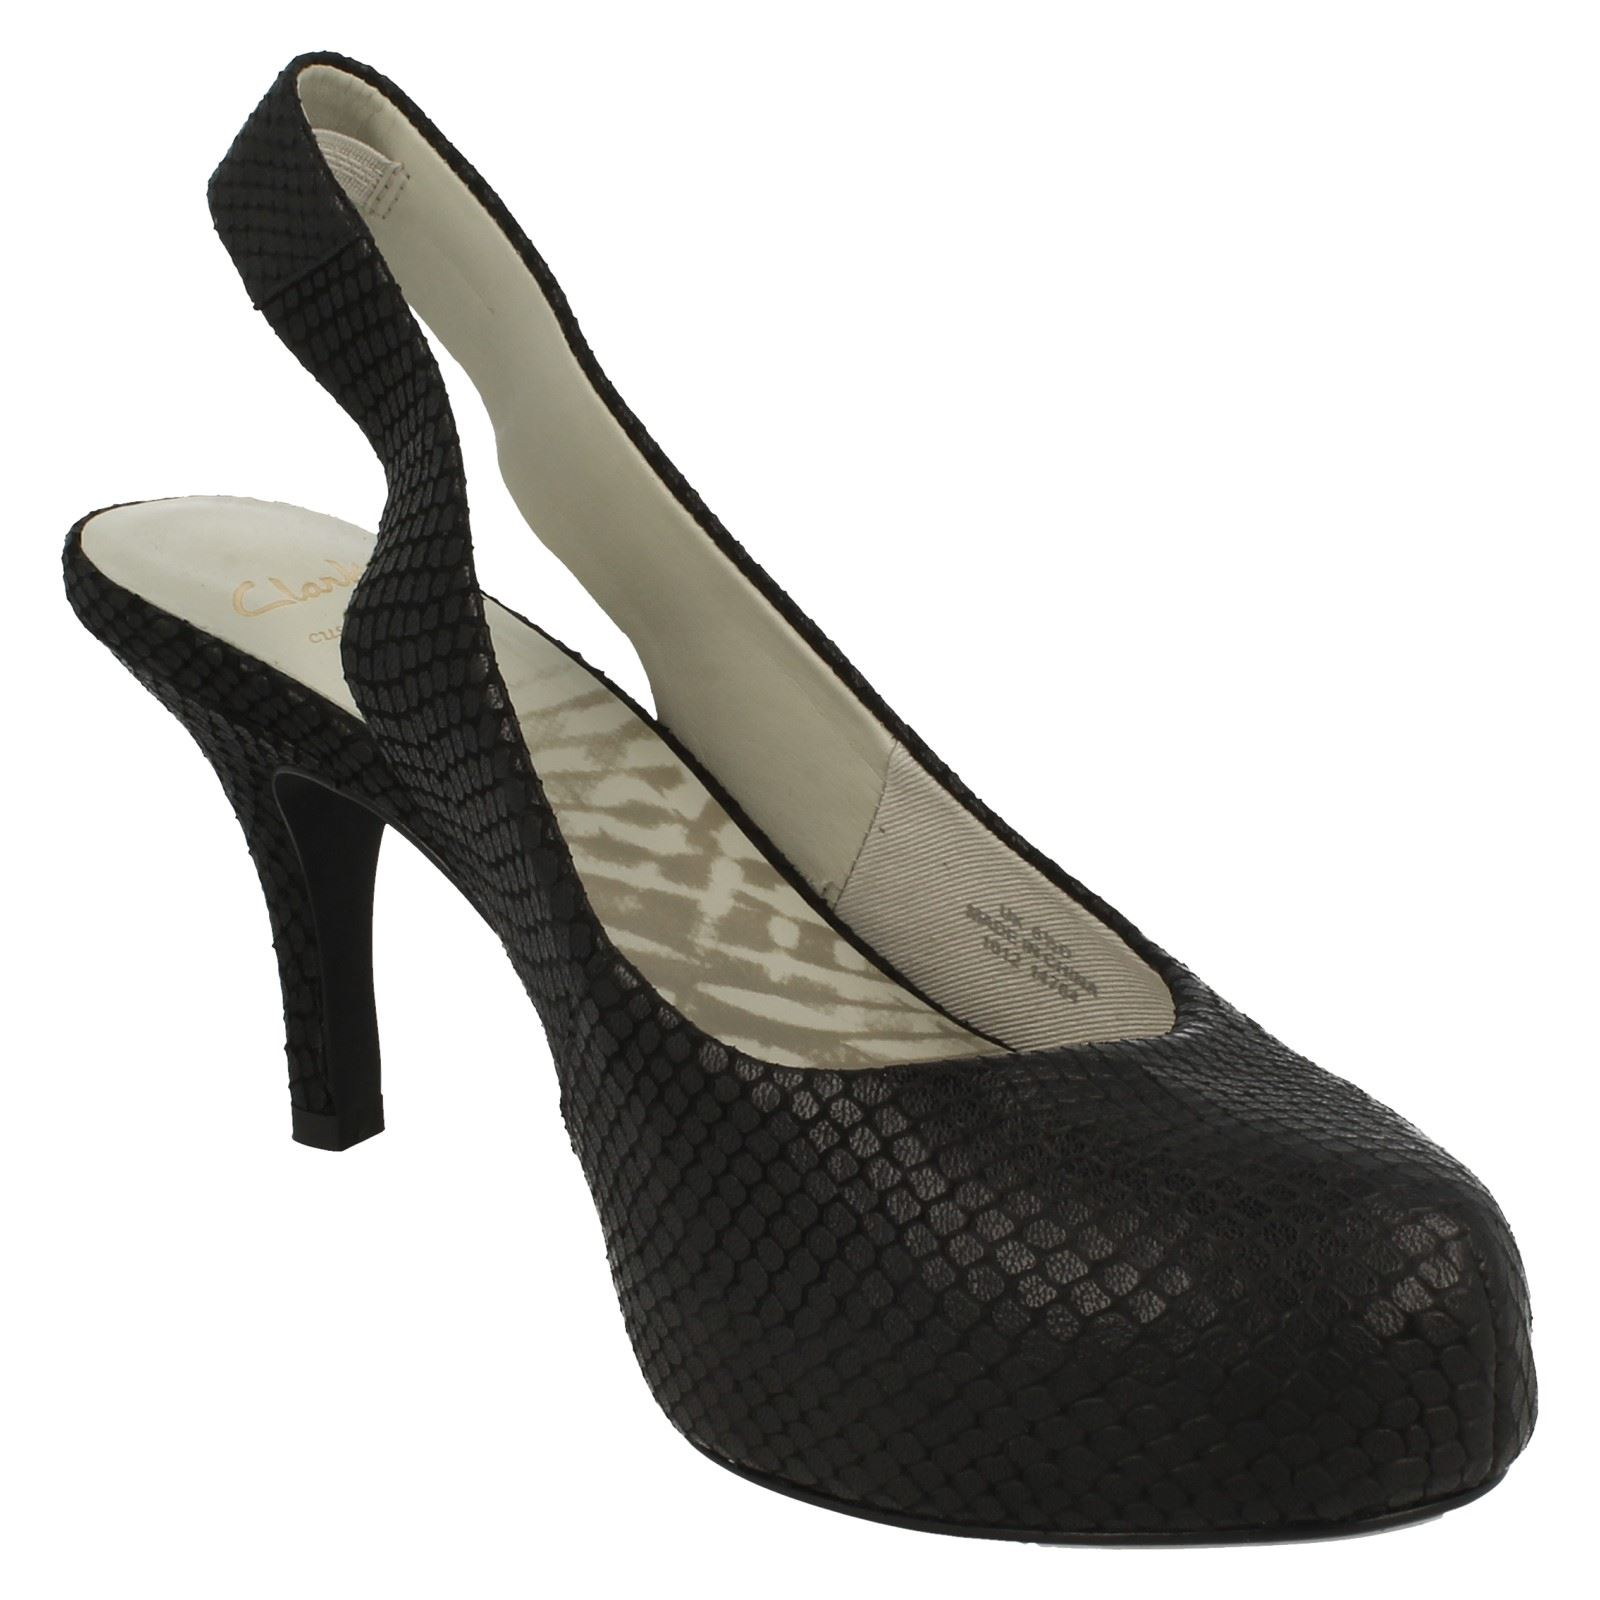 clarks high heel shoes drum major ebay